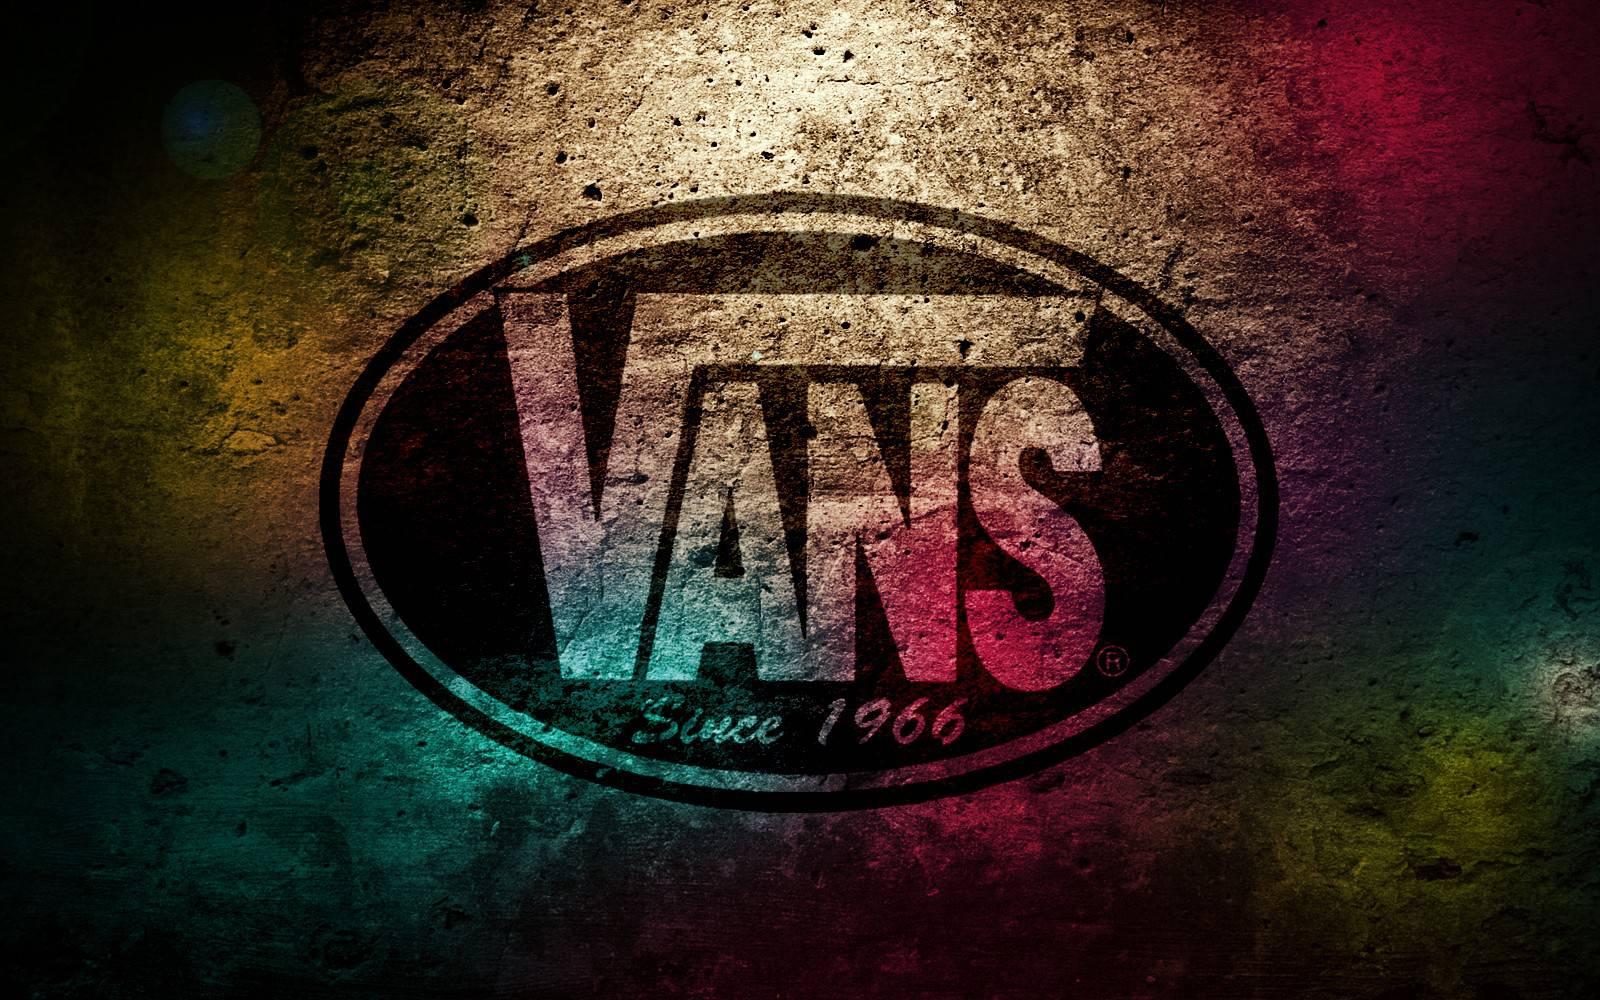 vans-best-shoe-brands-most-popular-shoe-brand-top-shoe-brands